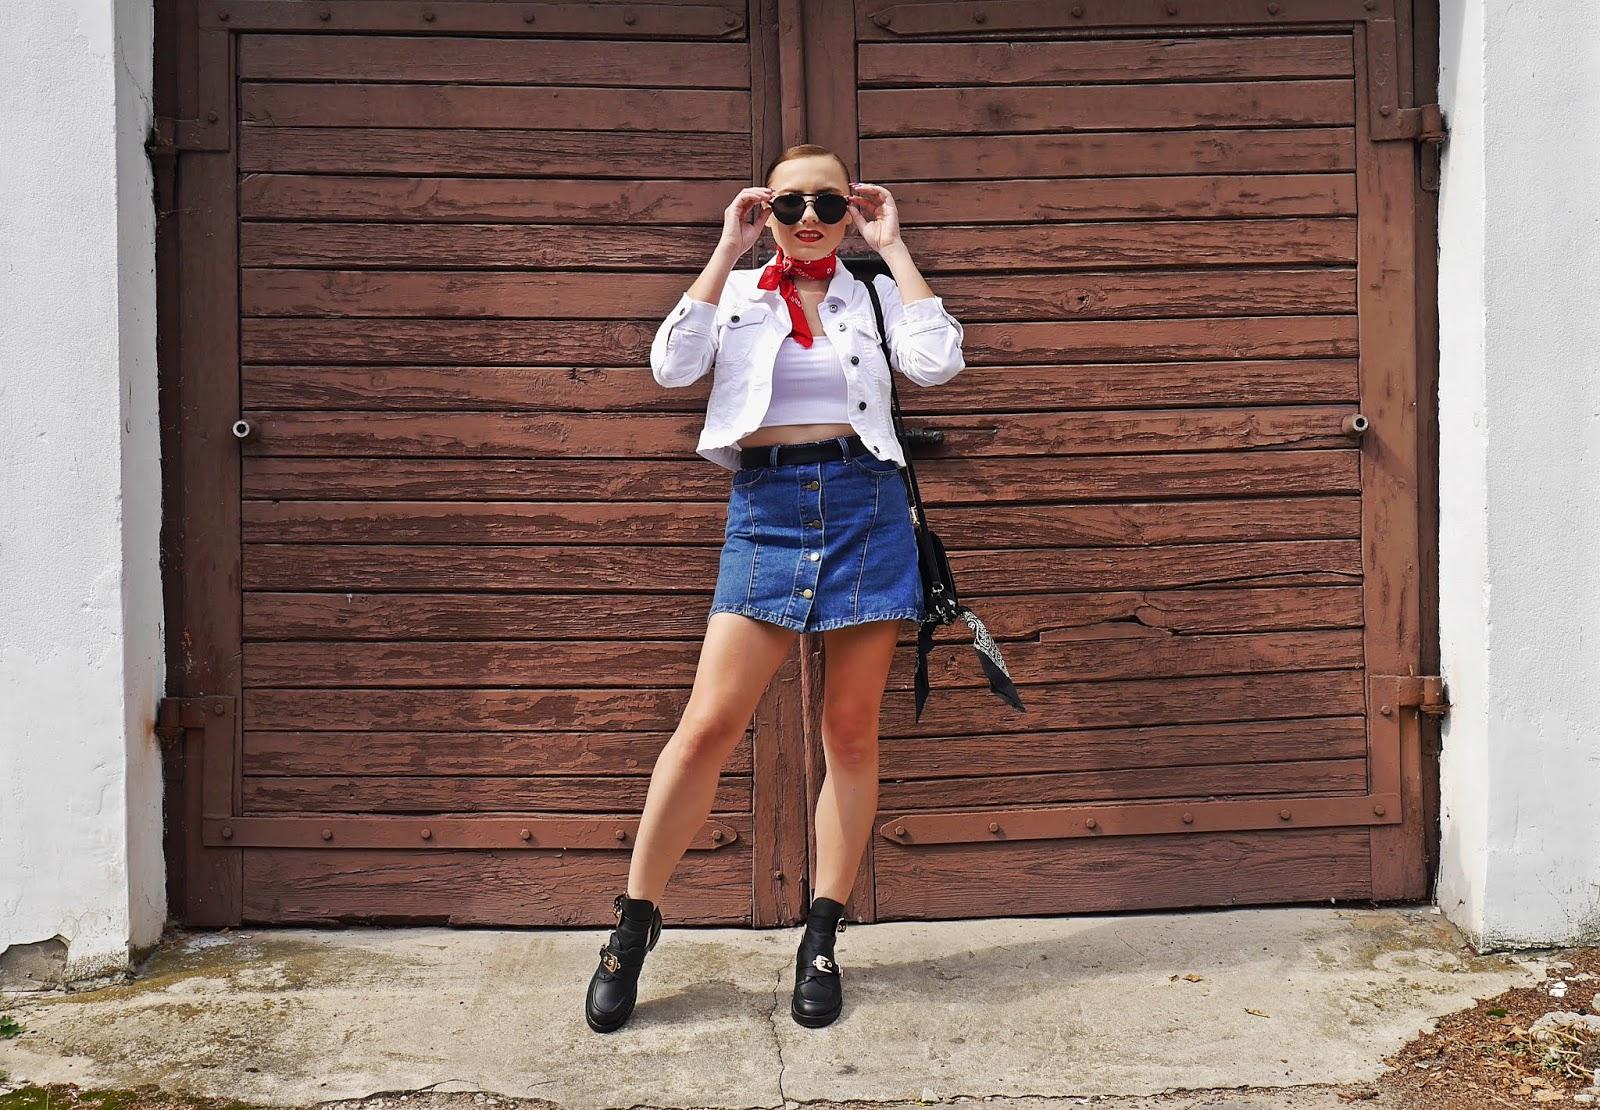 kurtka biała bonprix spódnica jeansowa czerwona apaszka szminka golden rose karyn blog modowy blogerka modowa stylizacja stylizacje 2019